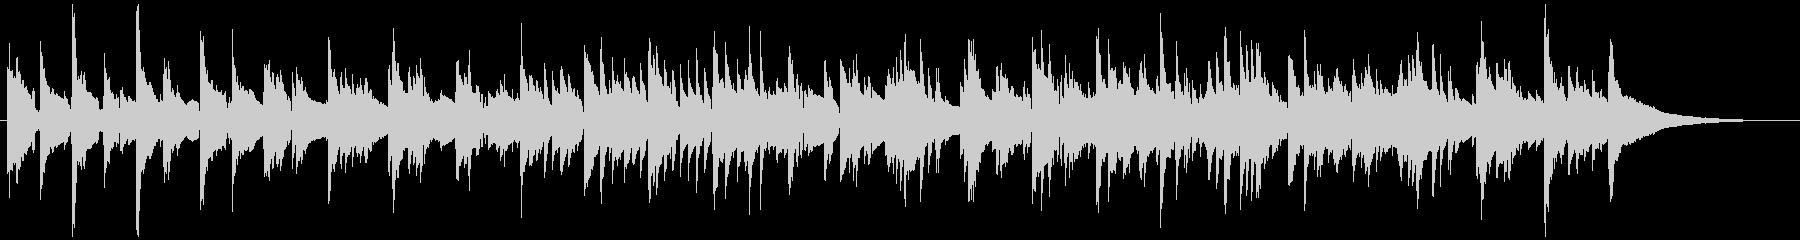 ピアノのカントリーバラードの未再生の波形